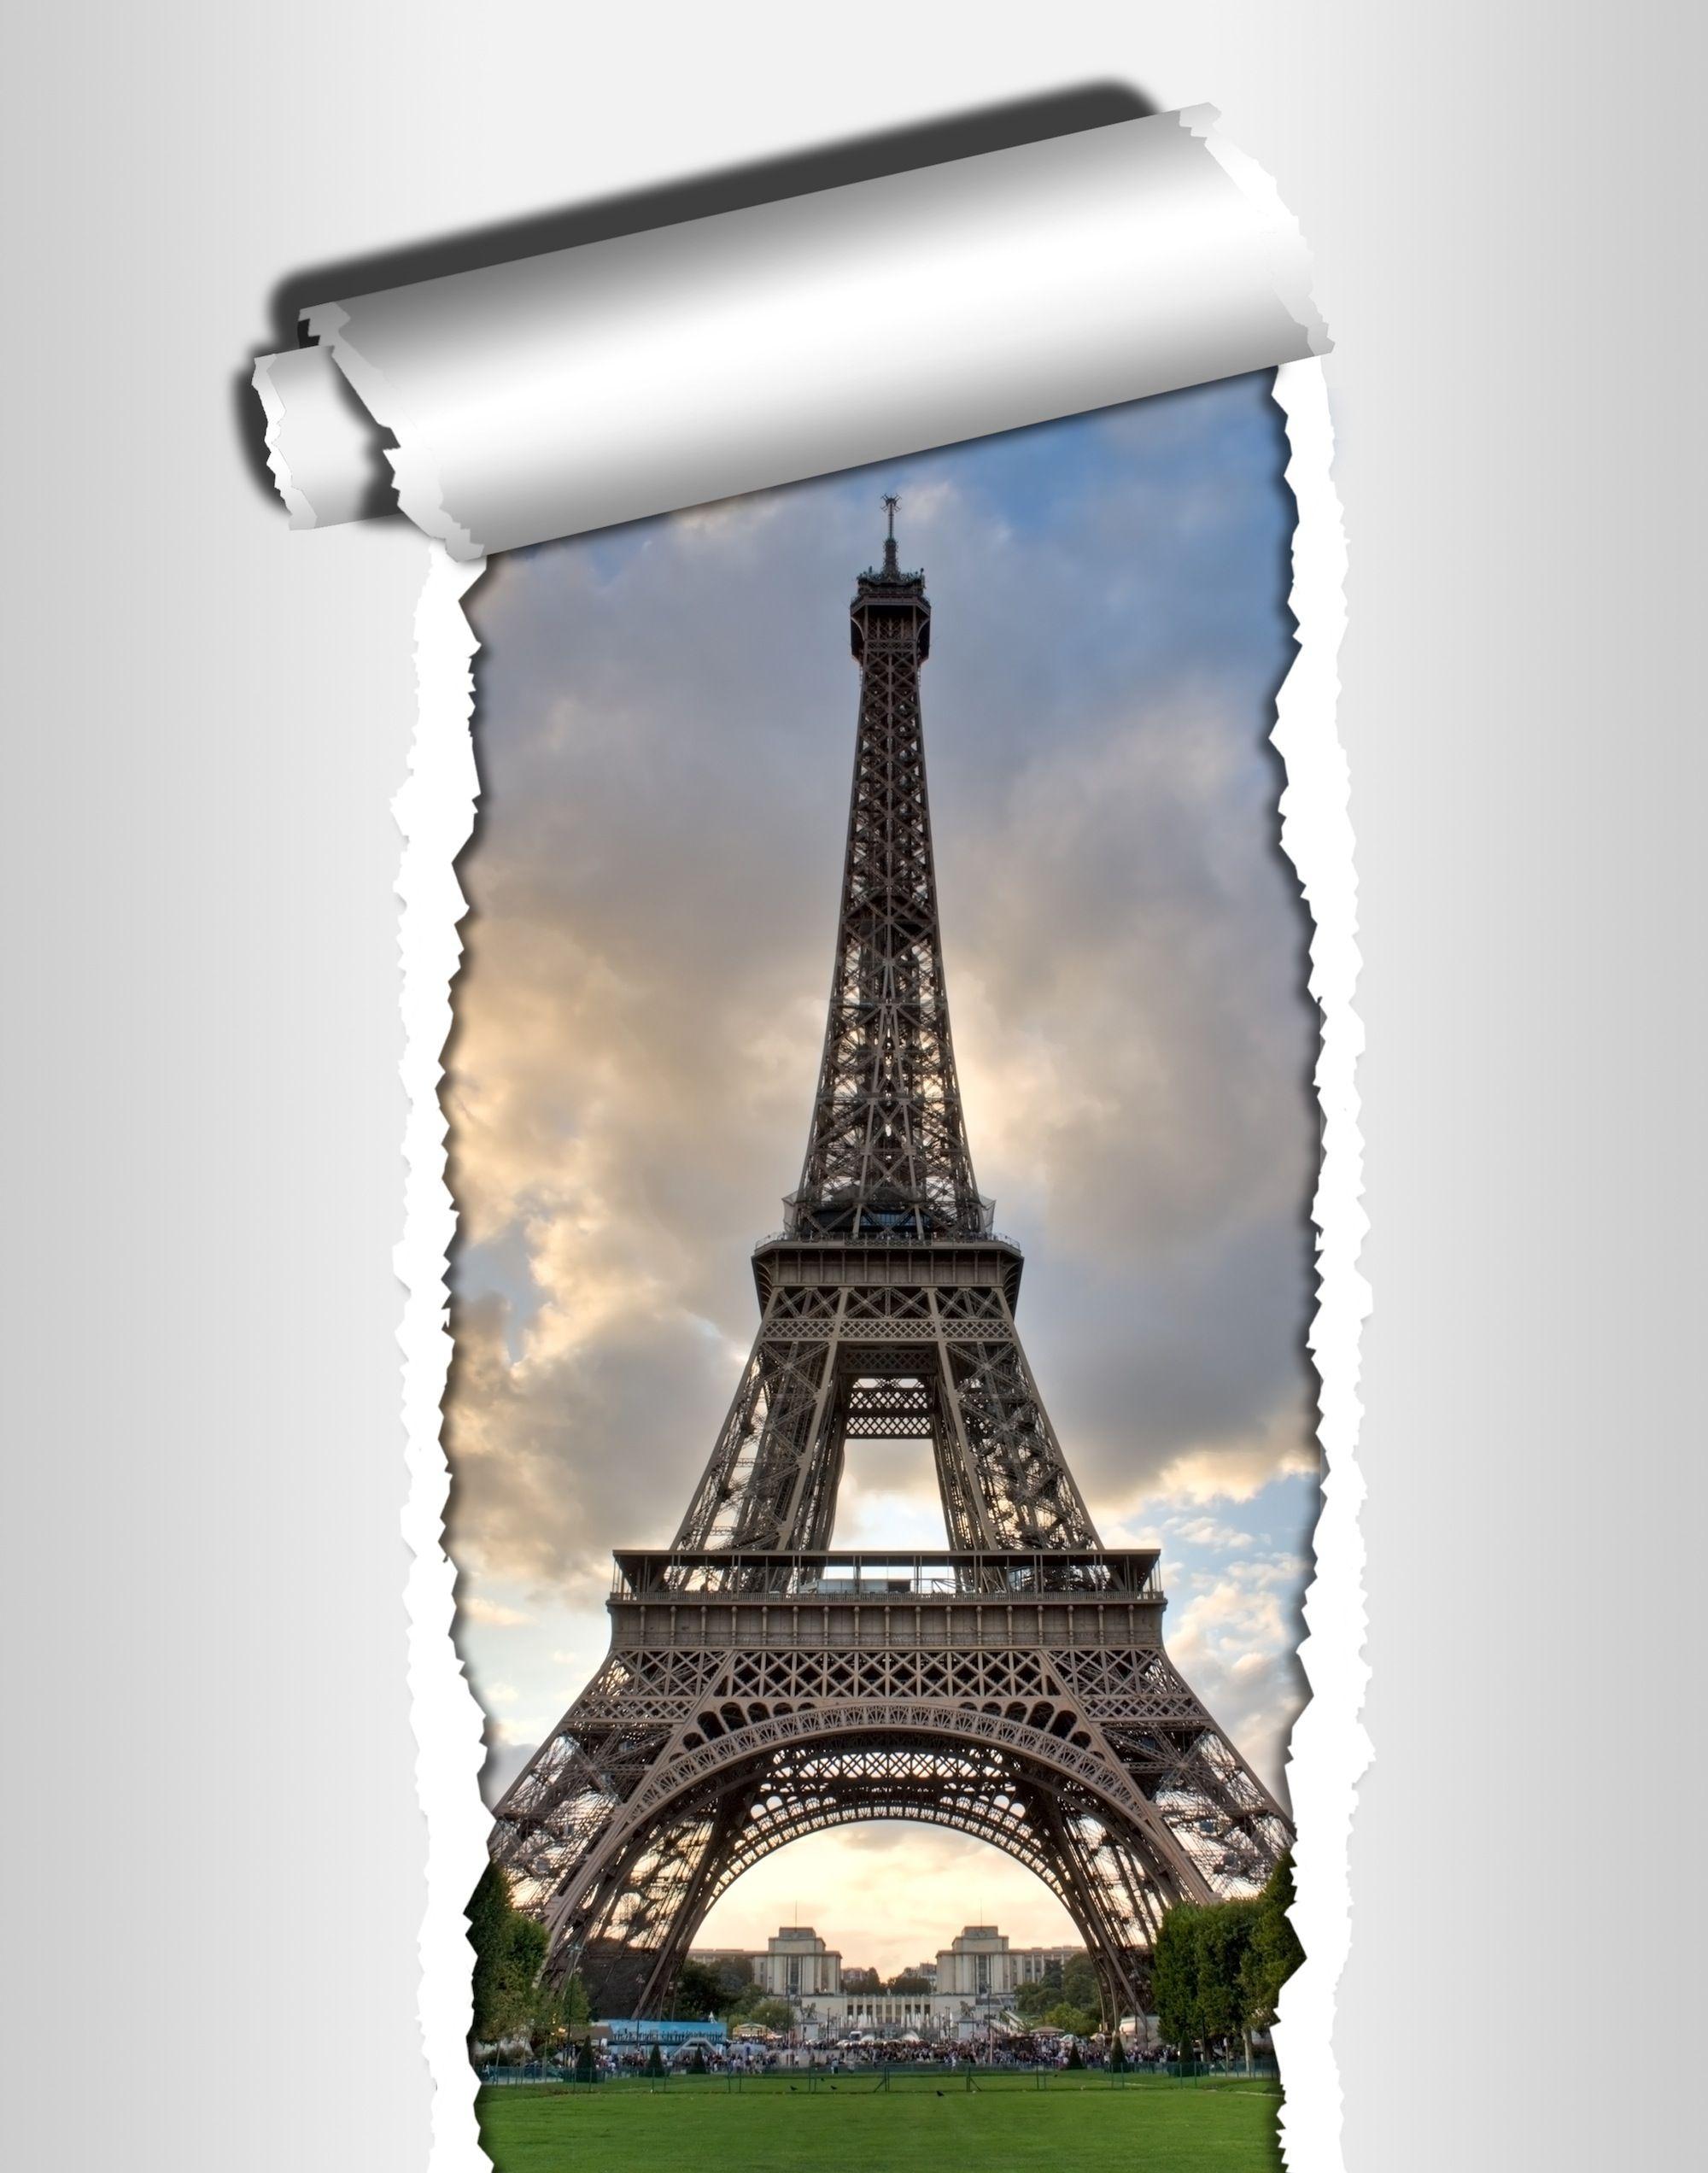 Paris © sdecoret - Fotolia.com